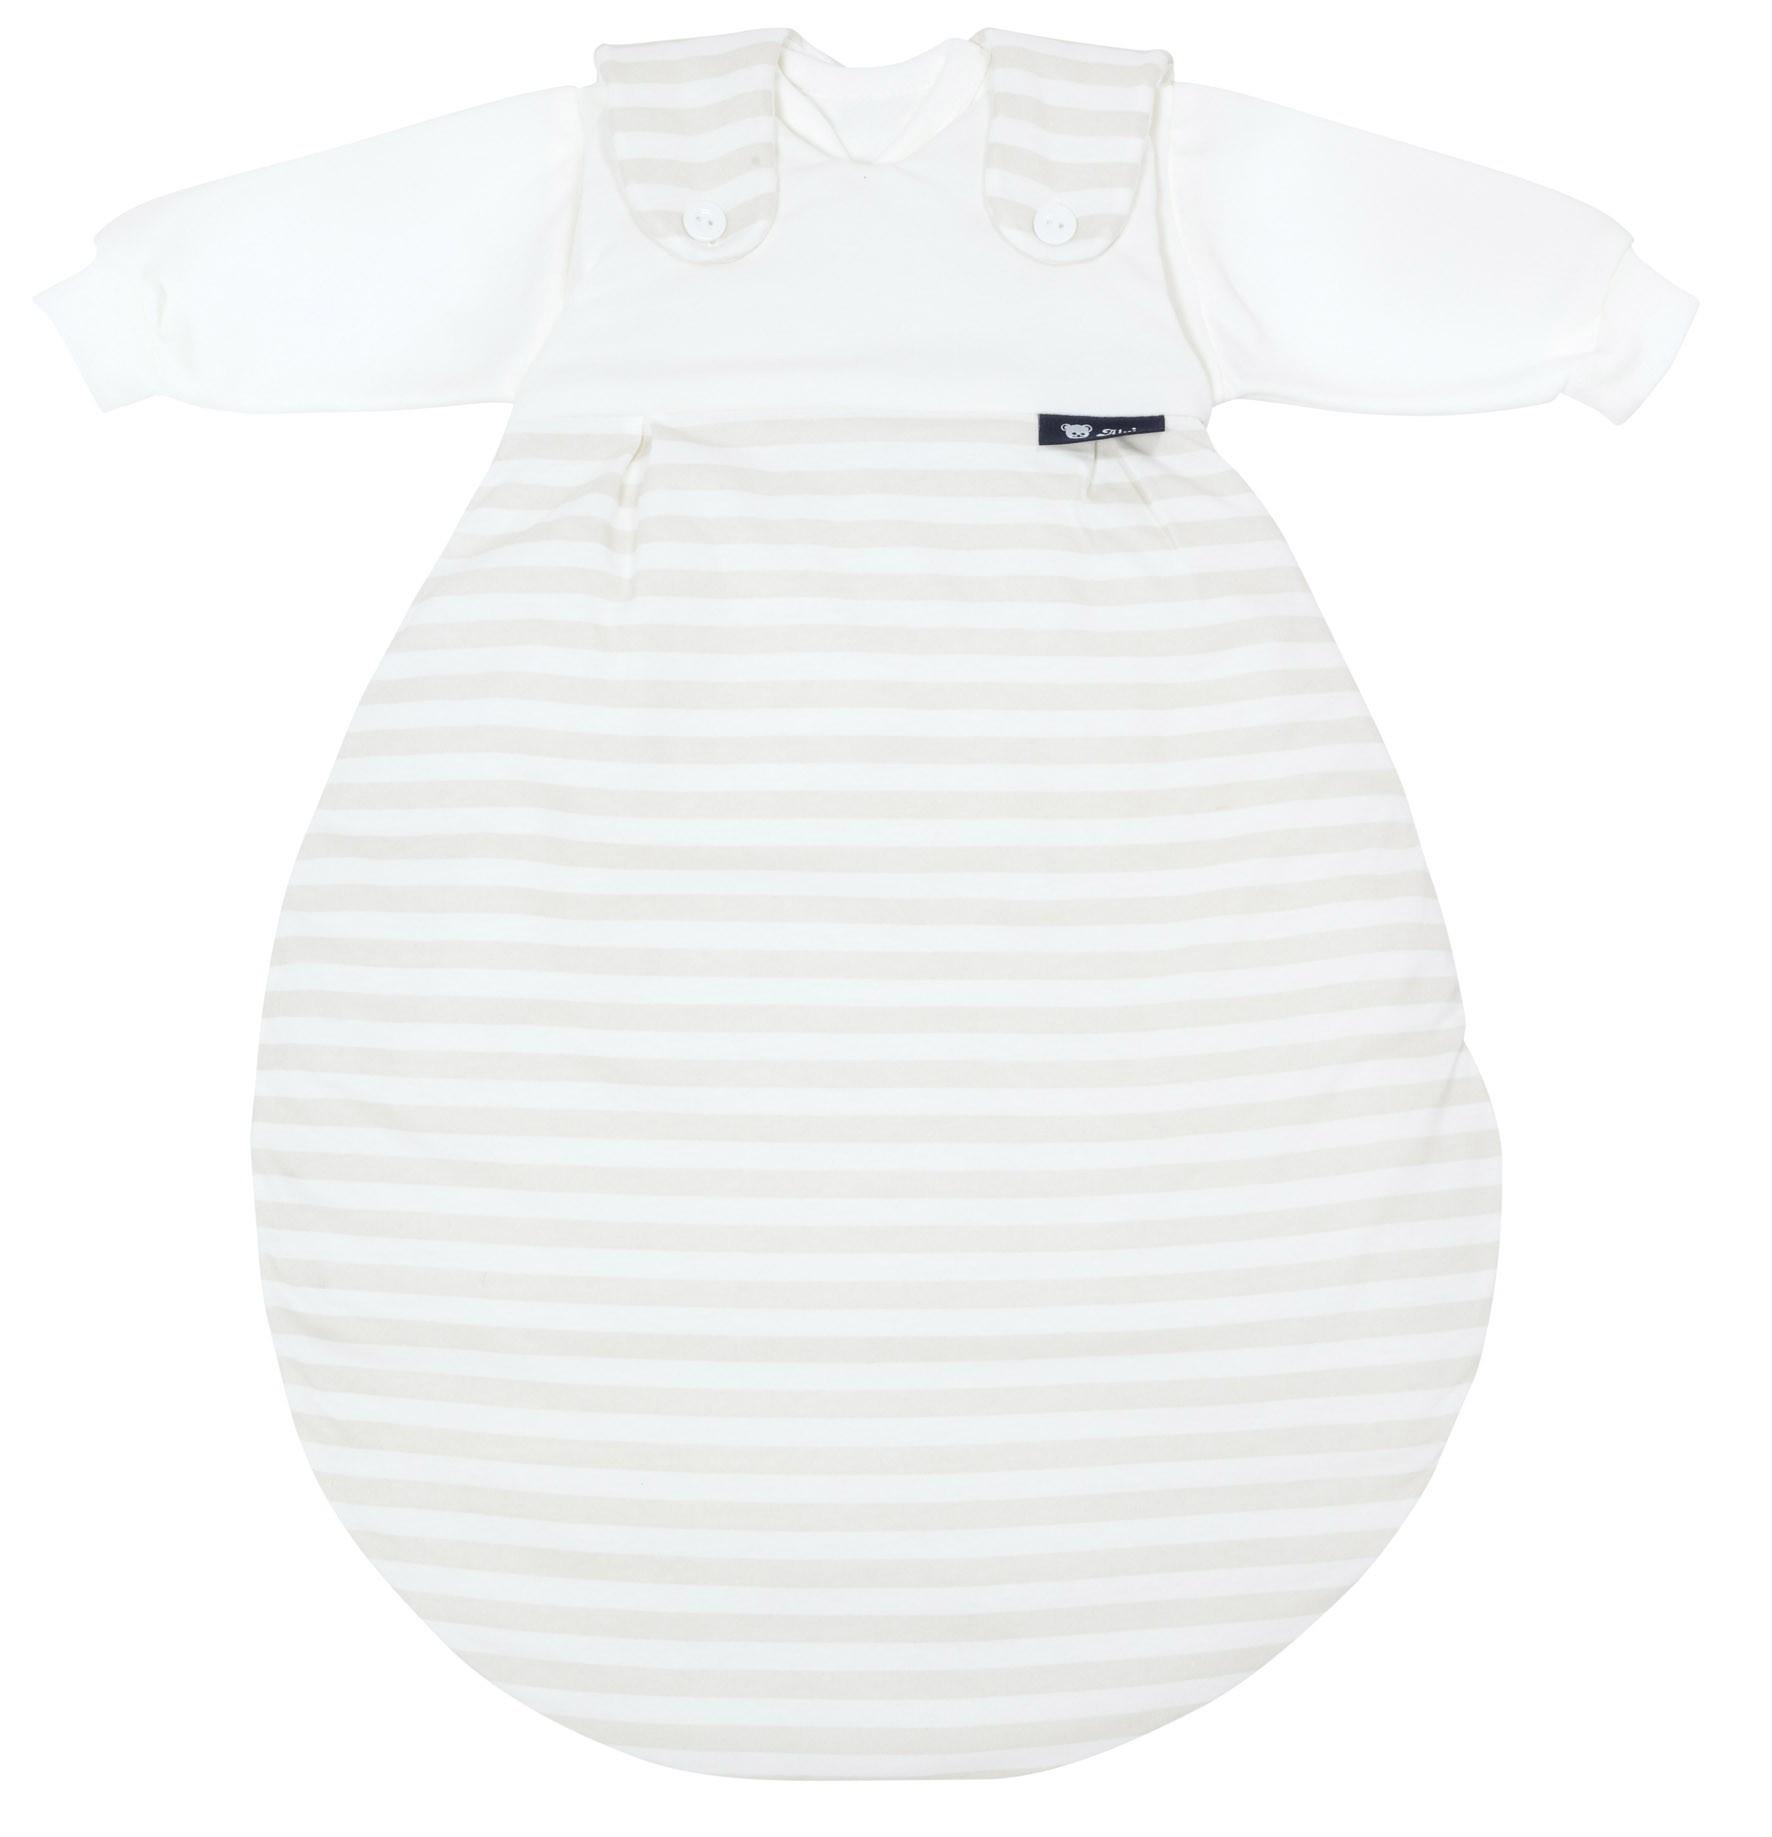 Alvi Baby Mäxchen Schlafsack 74/80 117-6